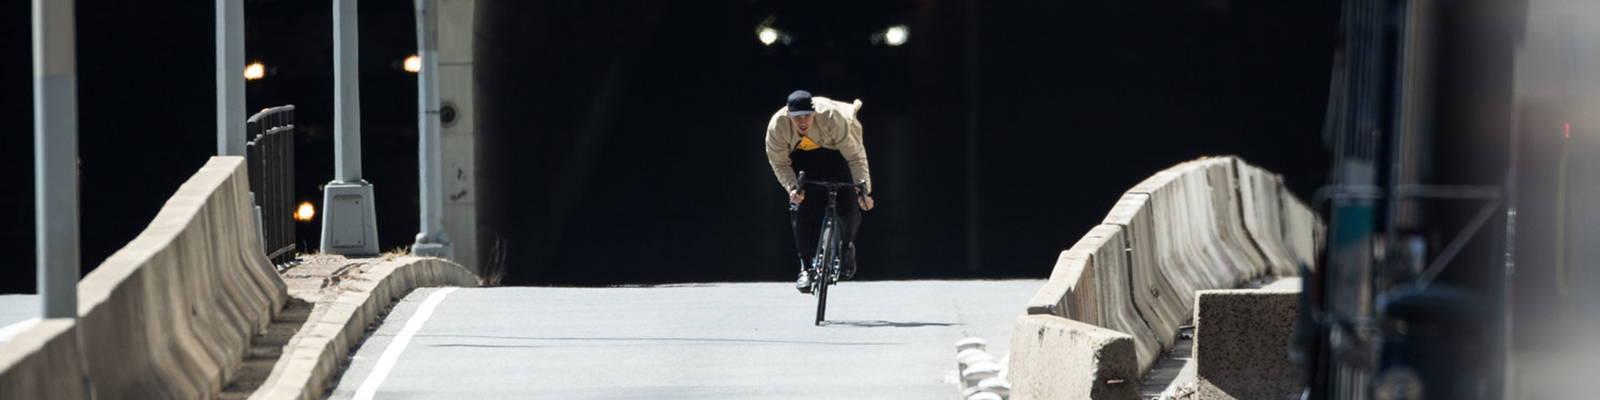 Chari & Co Model on bike